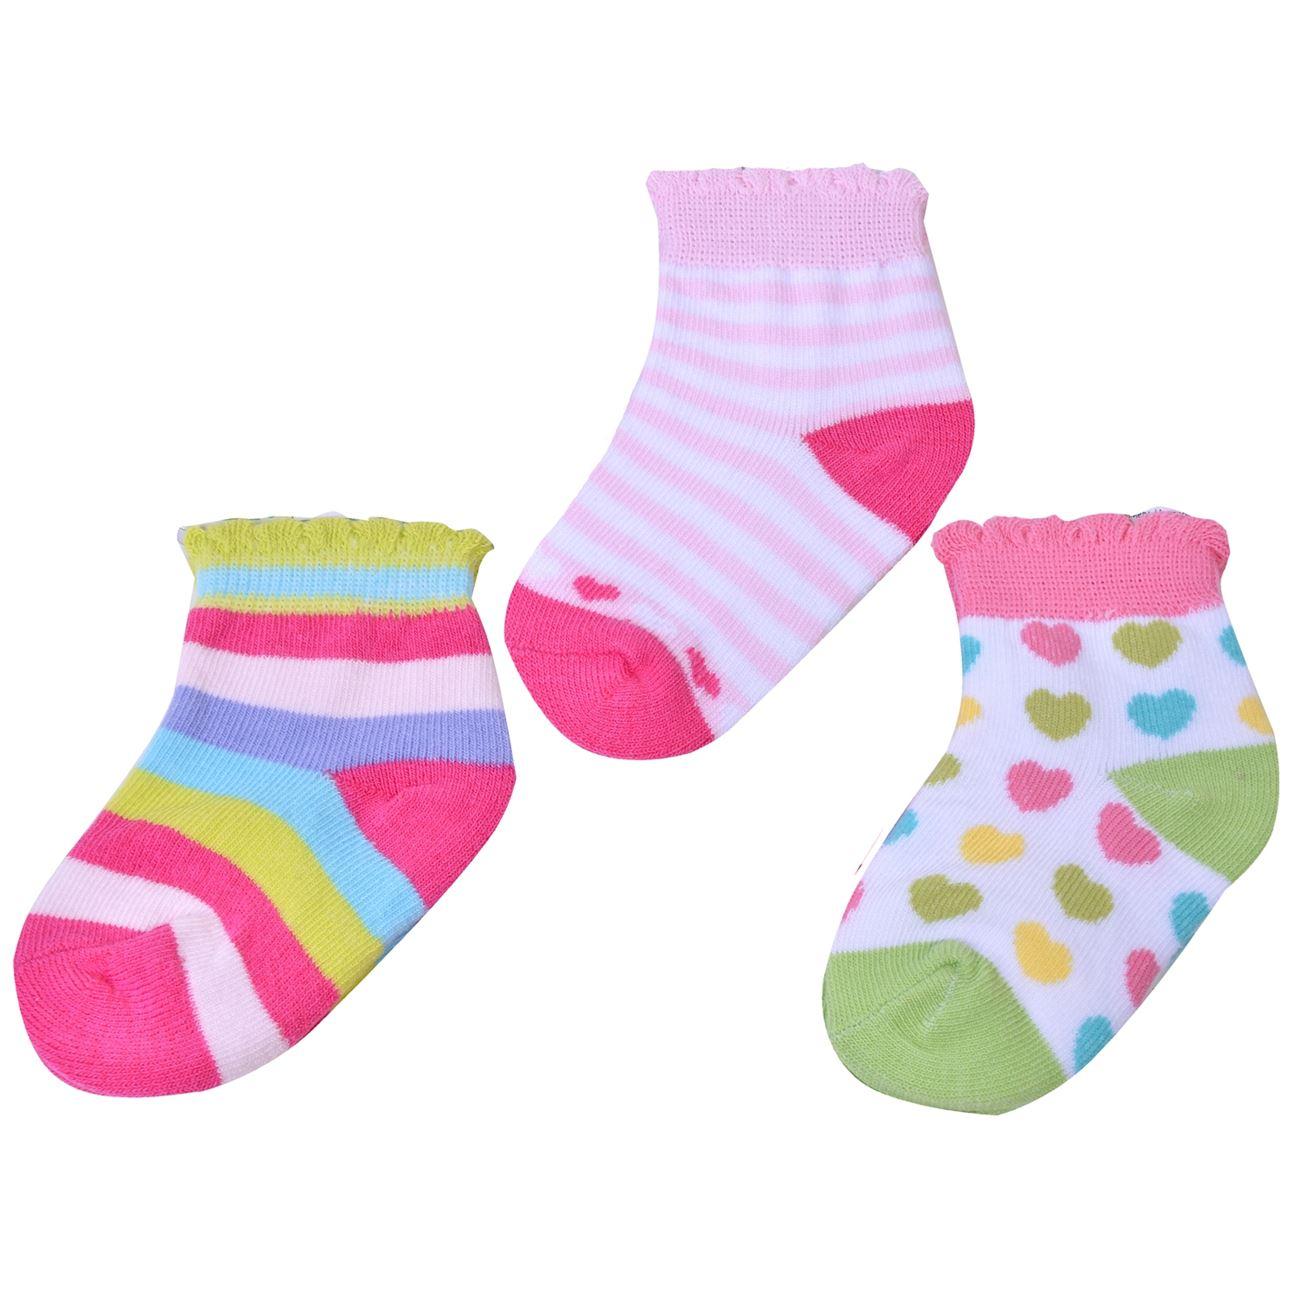 Κάλτσες Βρεφικές Πολύχρωμες - 3 ζευγ.   Κάλτσες Βρεφικές Κορίτσι 00 ... dbe8f5889b7